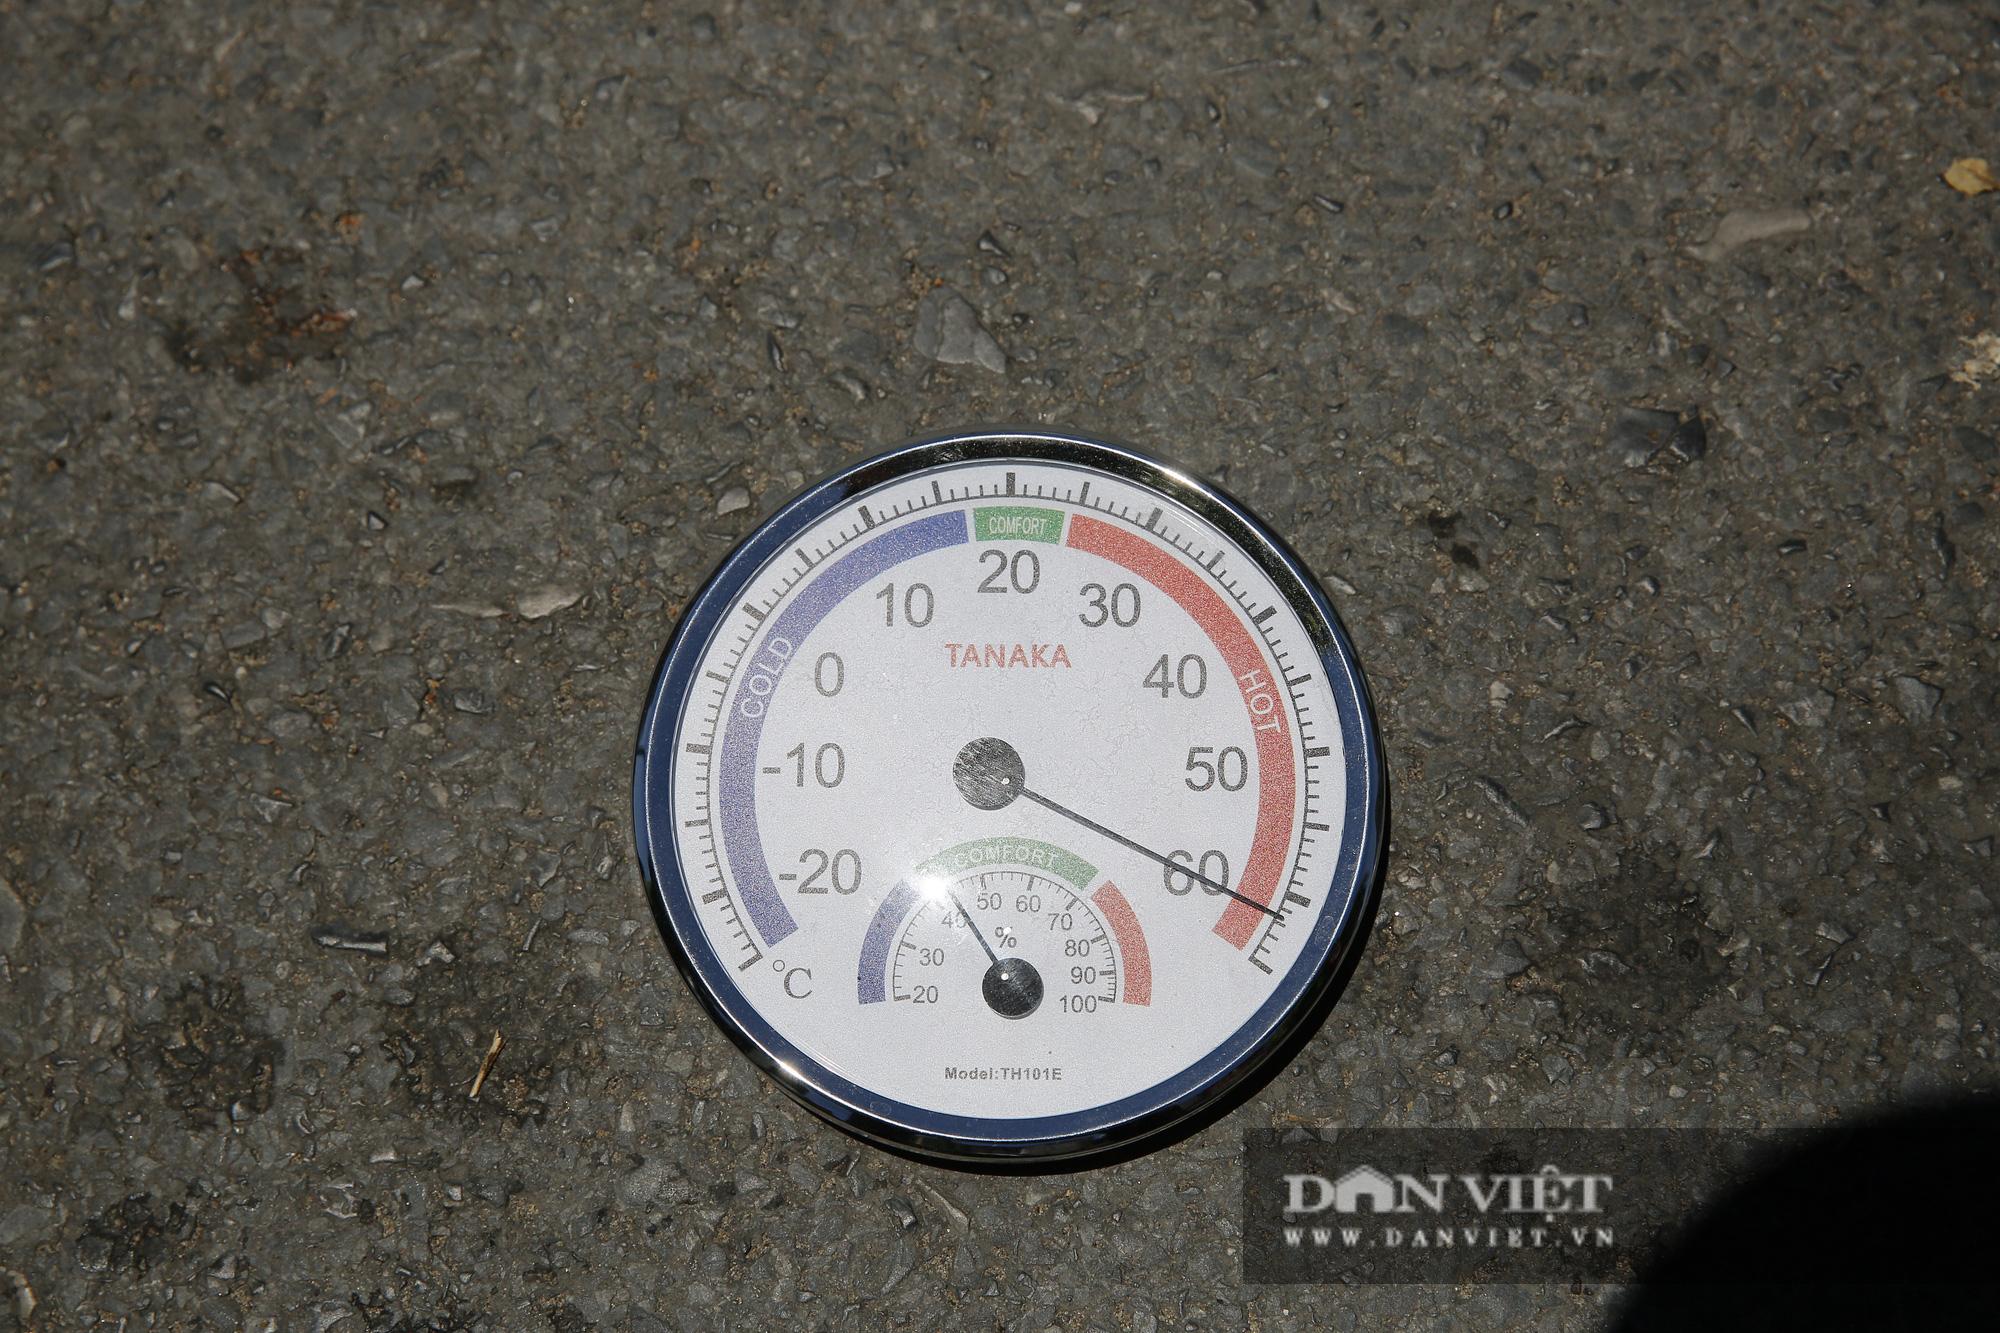 Hà Nội: Nhiệt độ mặt đường nóng hơn 60 độ C khiến ảo ảnh xuất hiện - Ảnh 2.